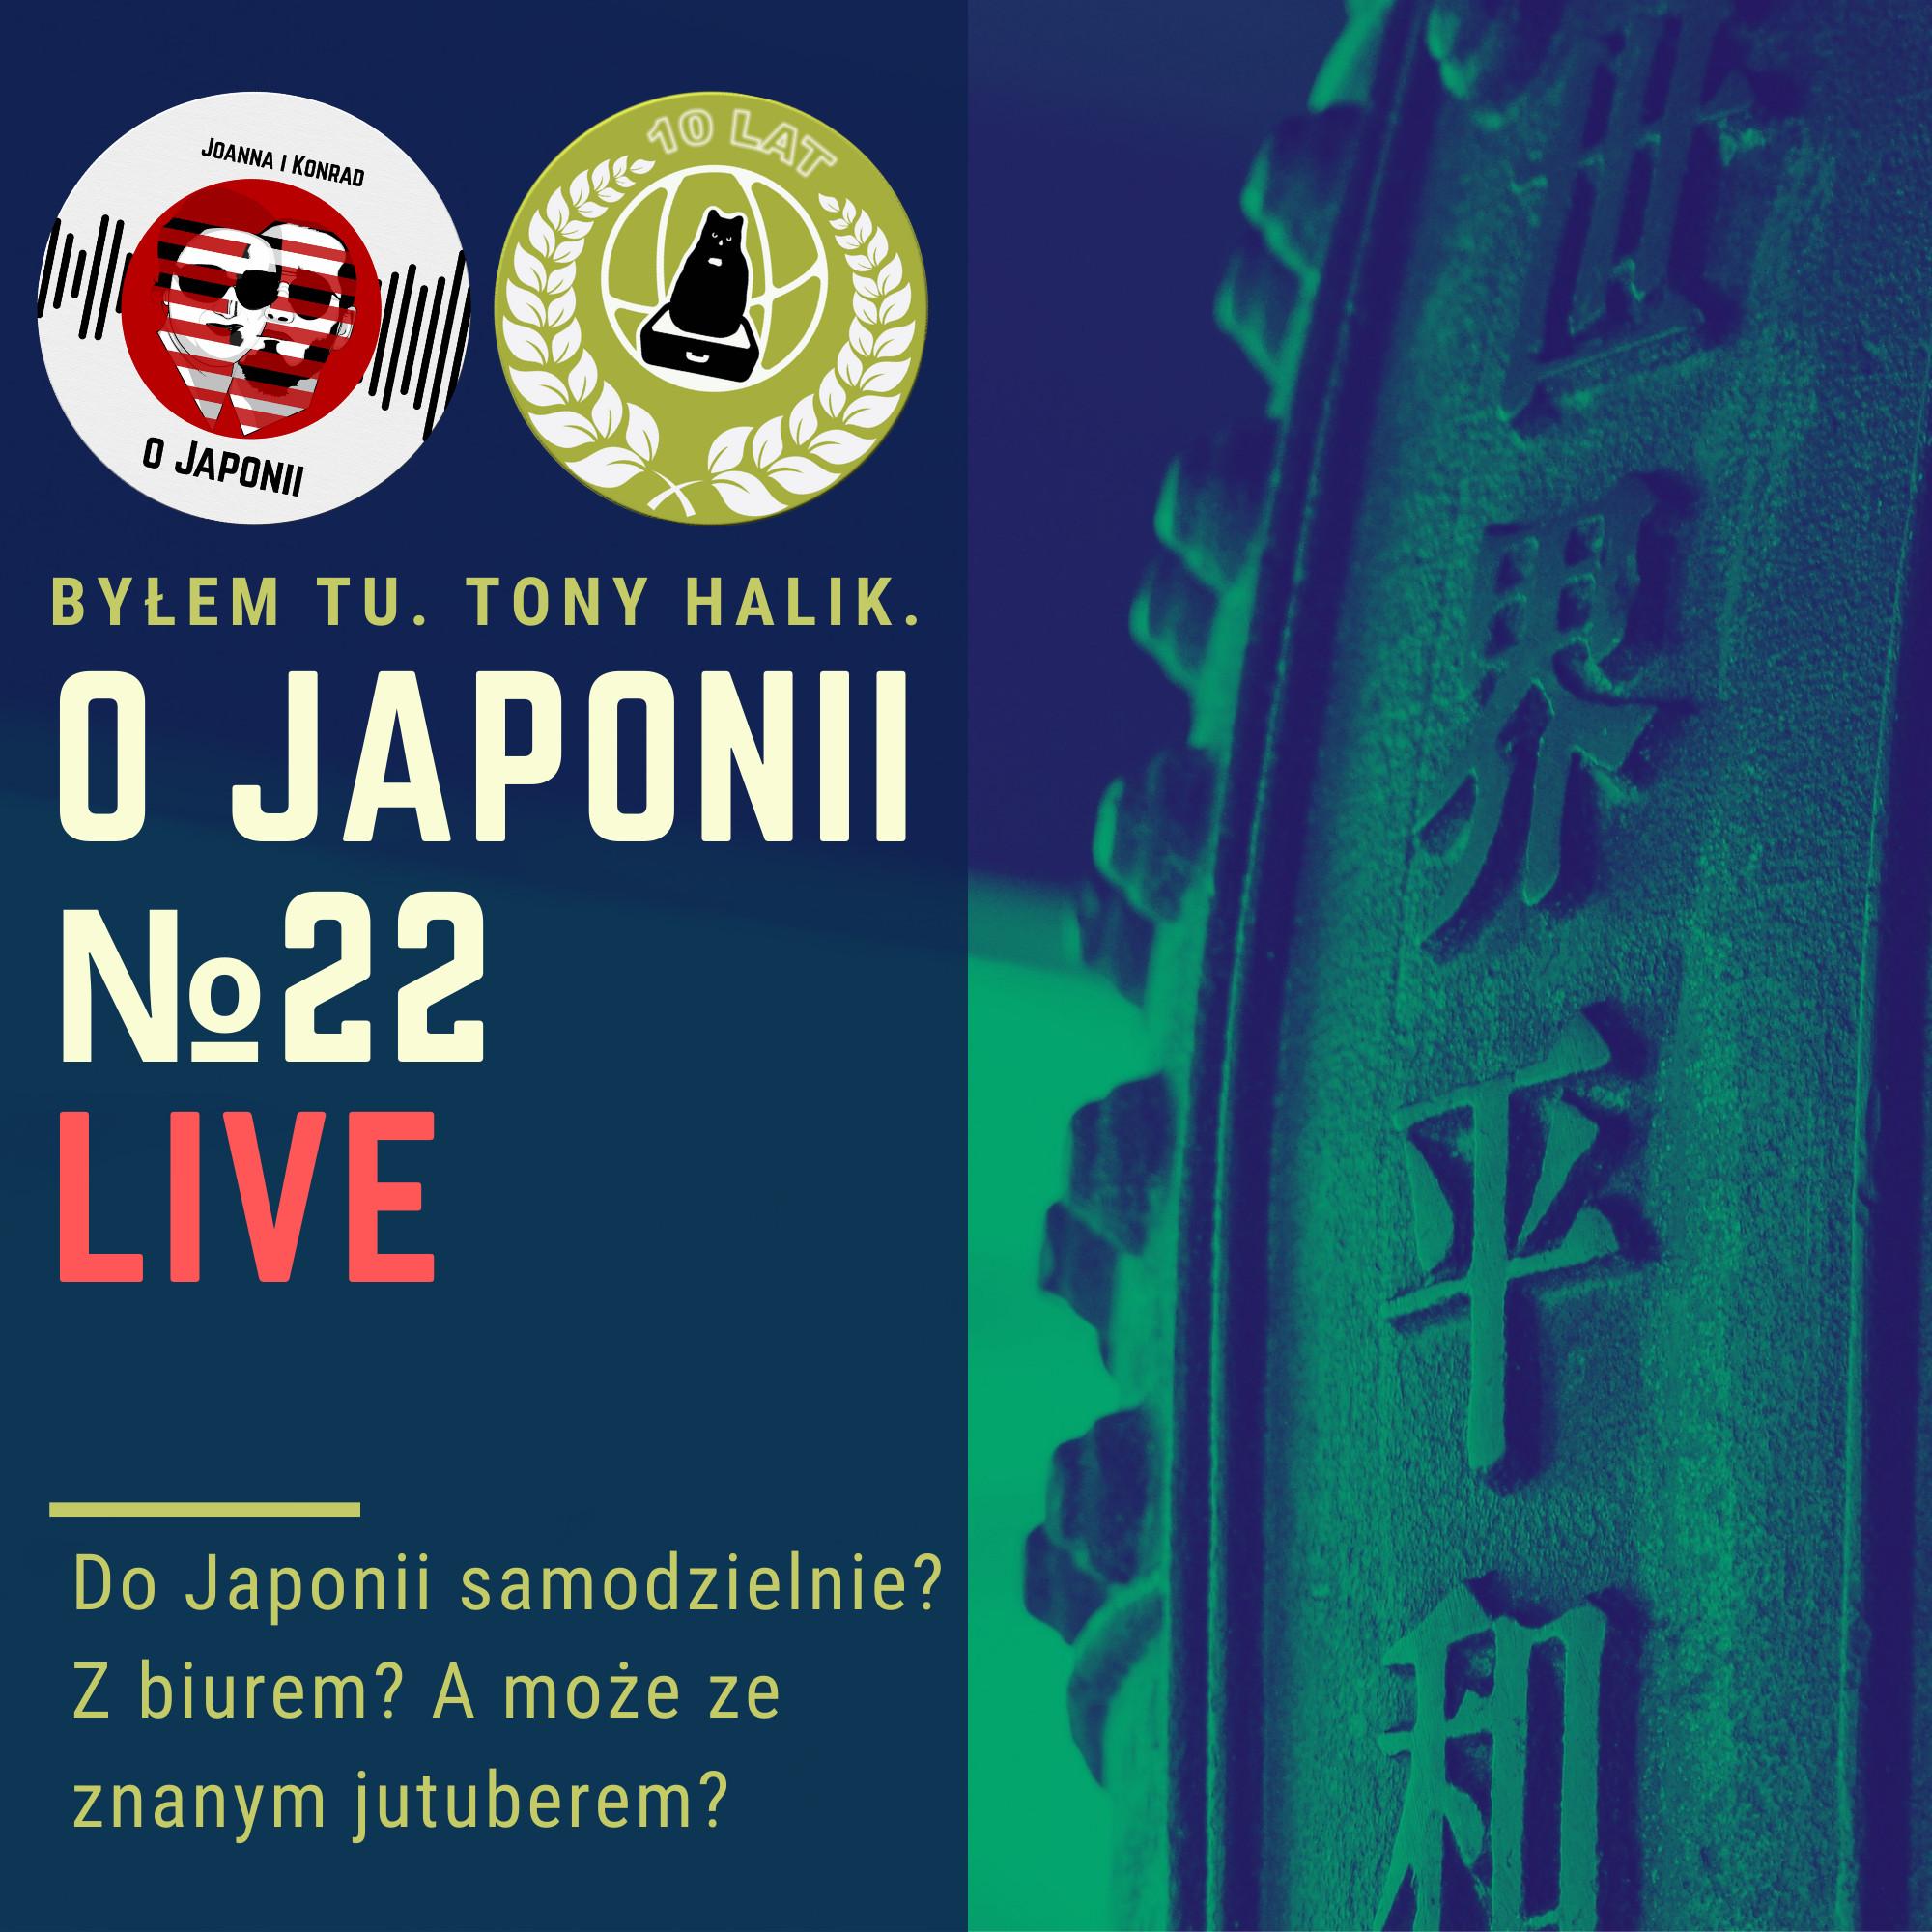 Podcast oJaponii №22 (DoJaponii samodzielnie? Zbiurem? Amoże zeznanym jutuberem?)